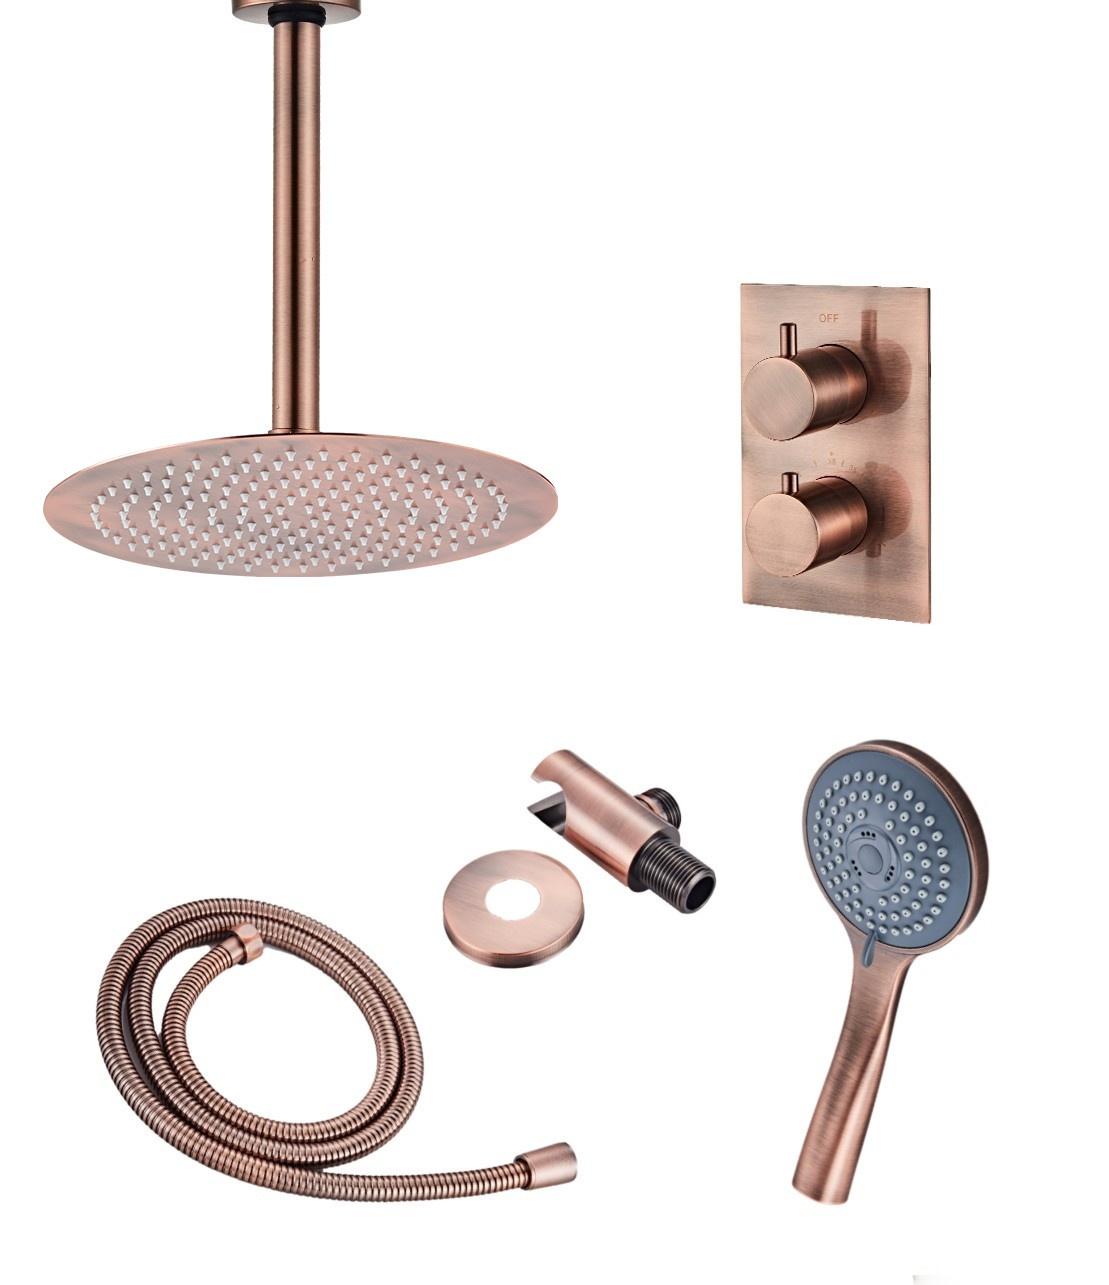 Saniclear Copper inbouw regendouche met plafondarm hoofddouche en 3 standen handdouche 20cm geborsteld koper